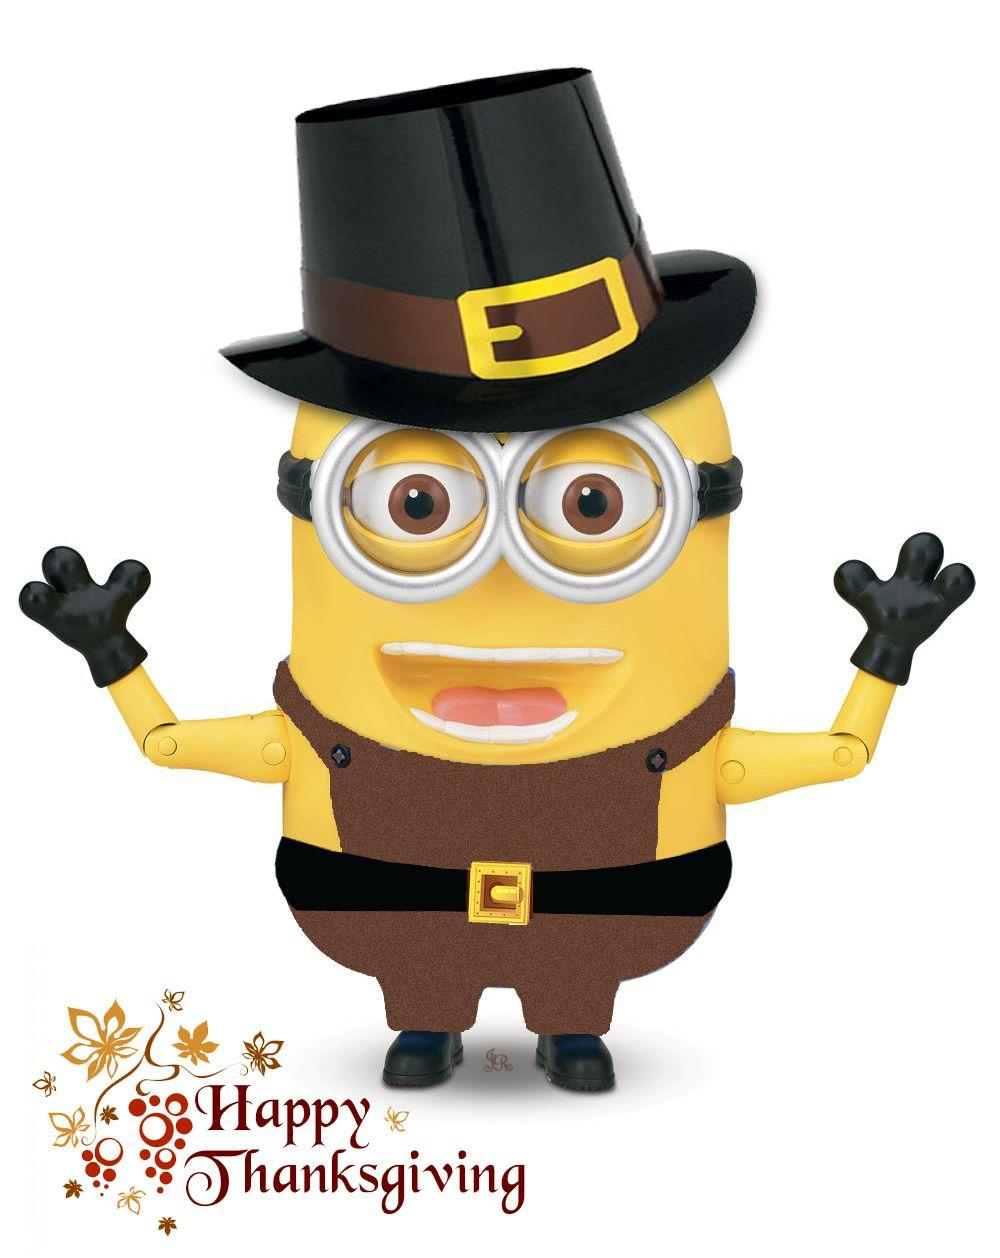 Thanksgiving meme | Funny Stuff | Pinterest | Thanksgiving ...